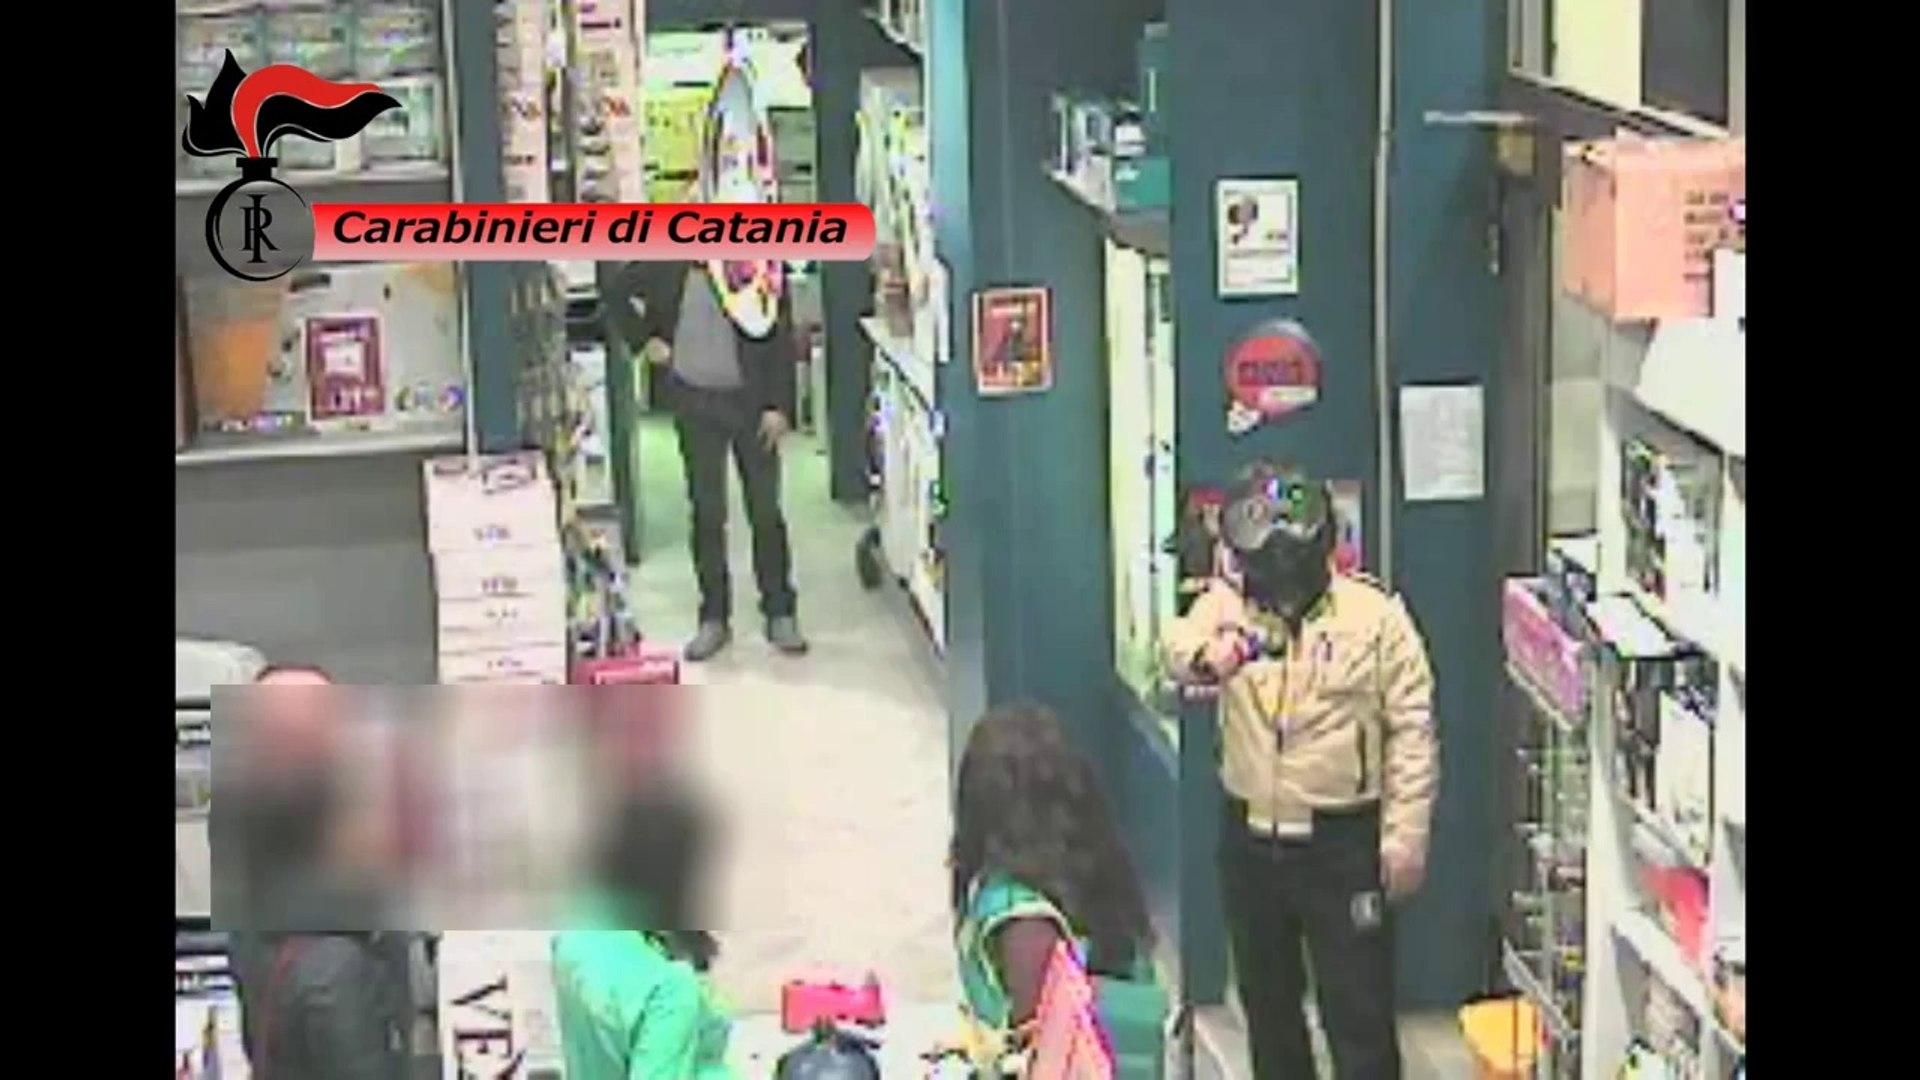 Giarre (CT) - Evade dai domiciliari per una rapina, arrestato (16.12.13)